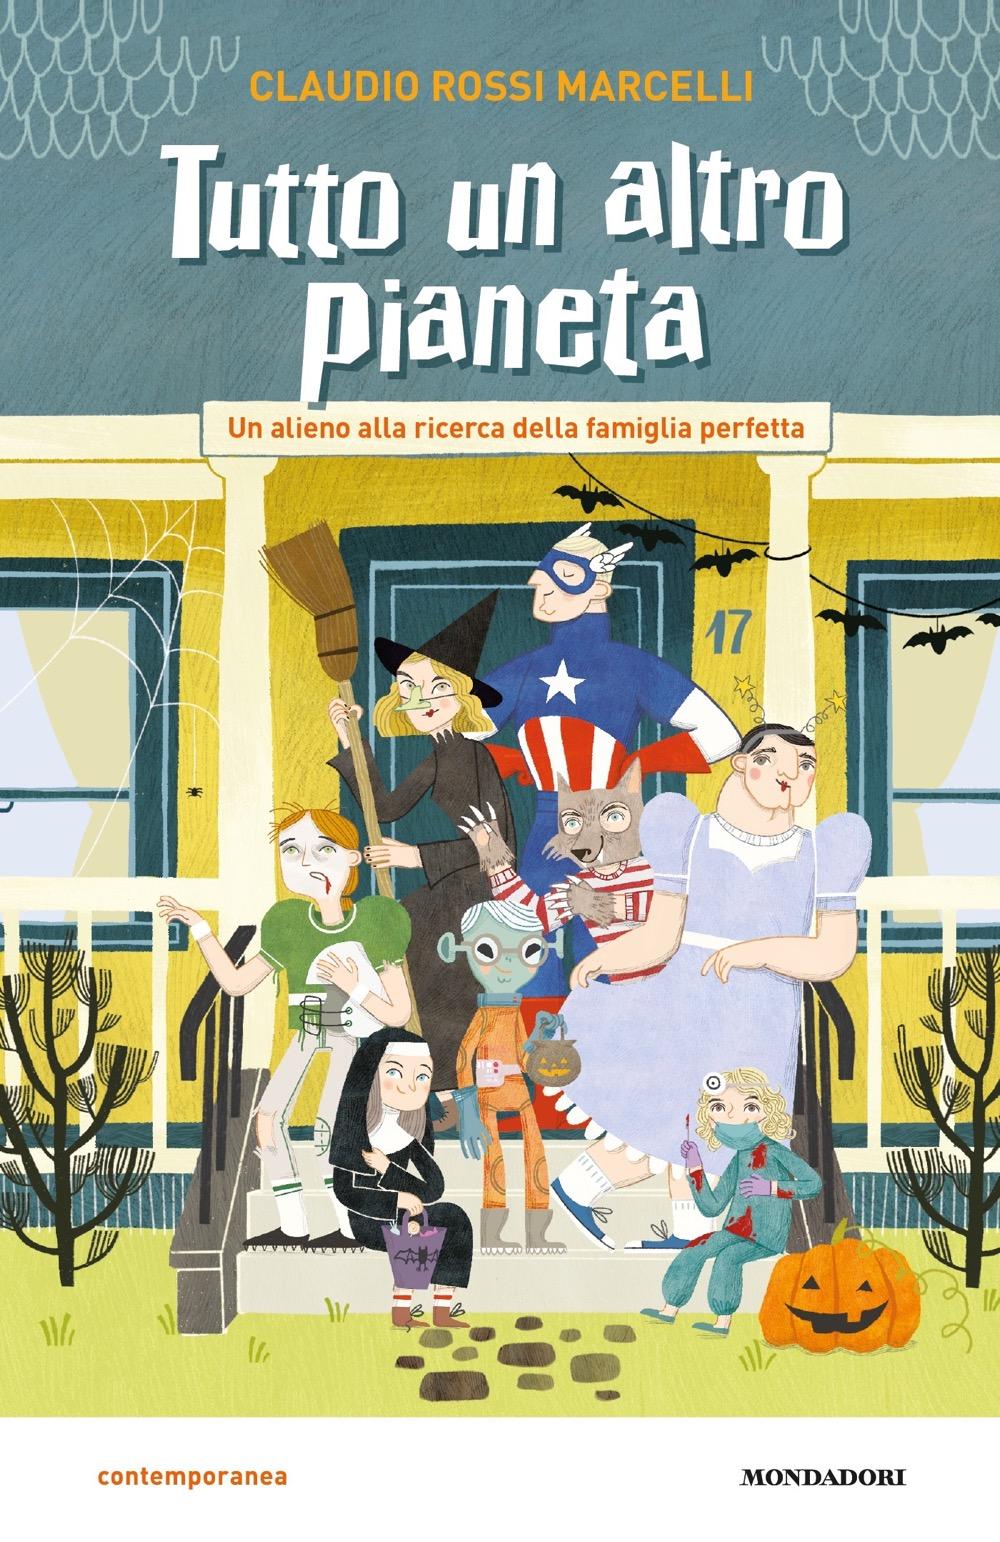 A whole other planet. An alien seeking the perfect family (Tutto un altro pianeta. Un alieno alla ricerca della famiglia perfetta)